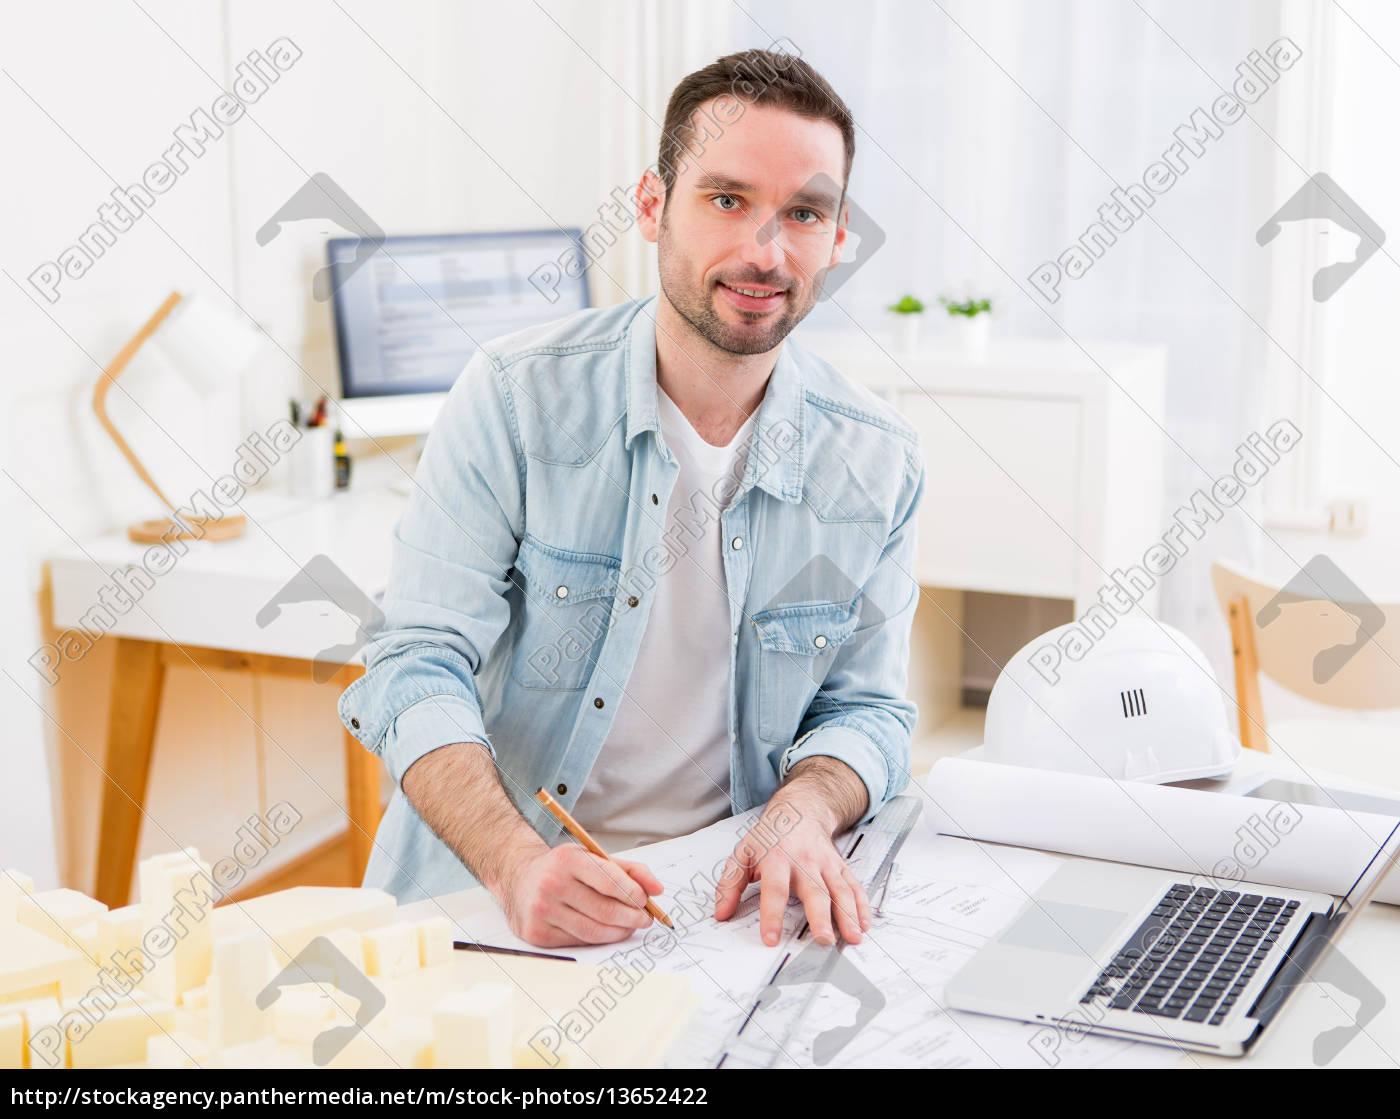 Junge Attraktive Architekt Im Buro Arbeiten Stock Photo